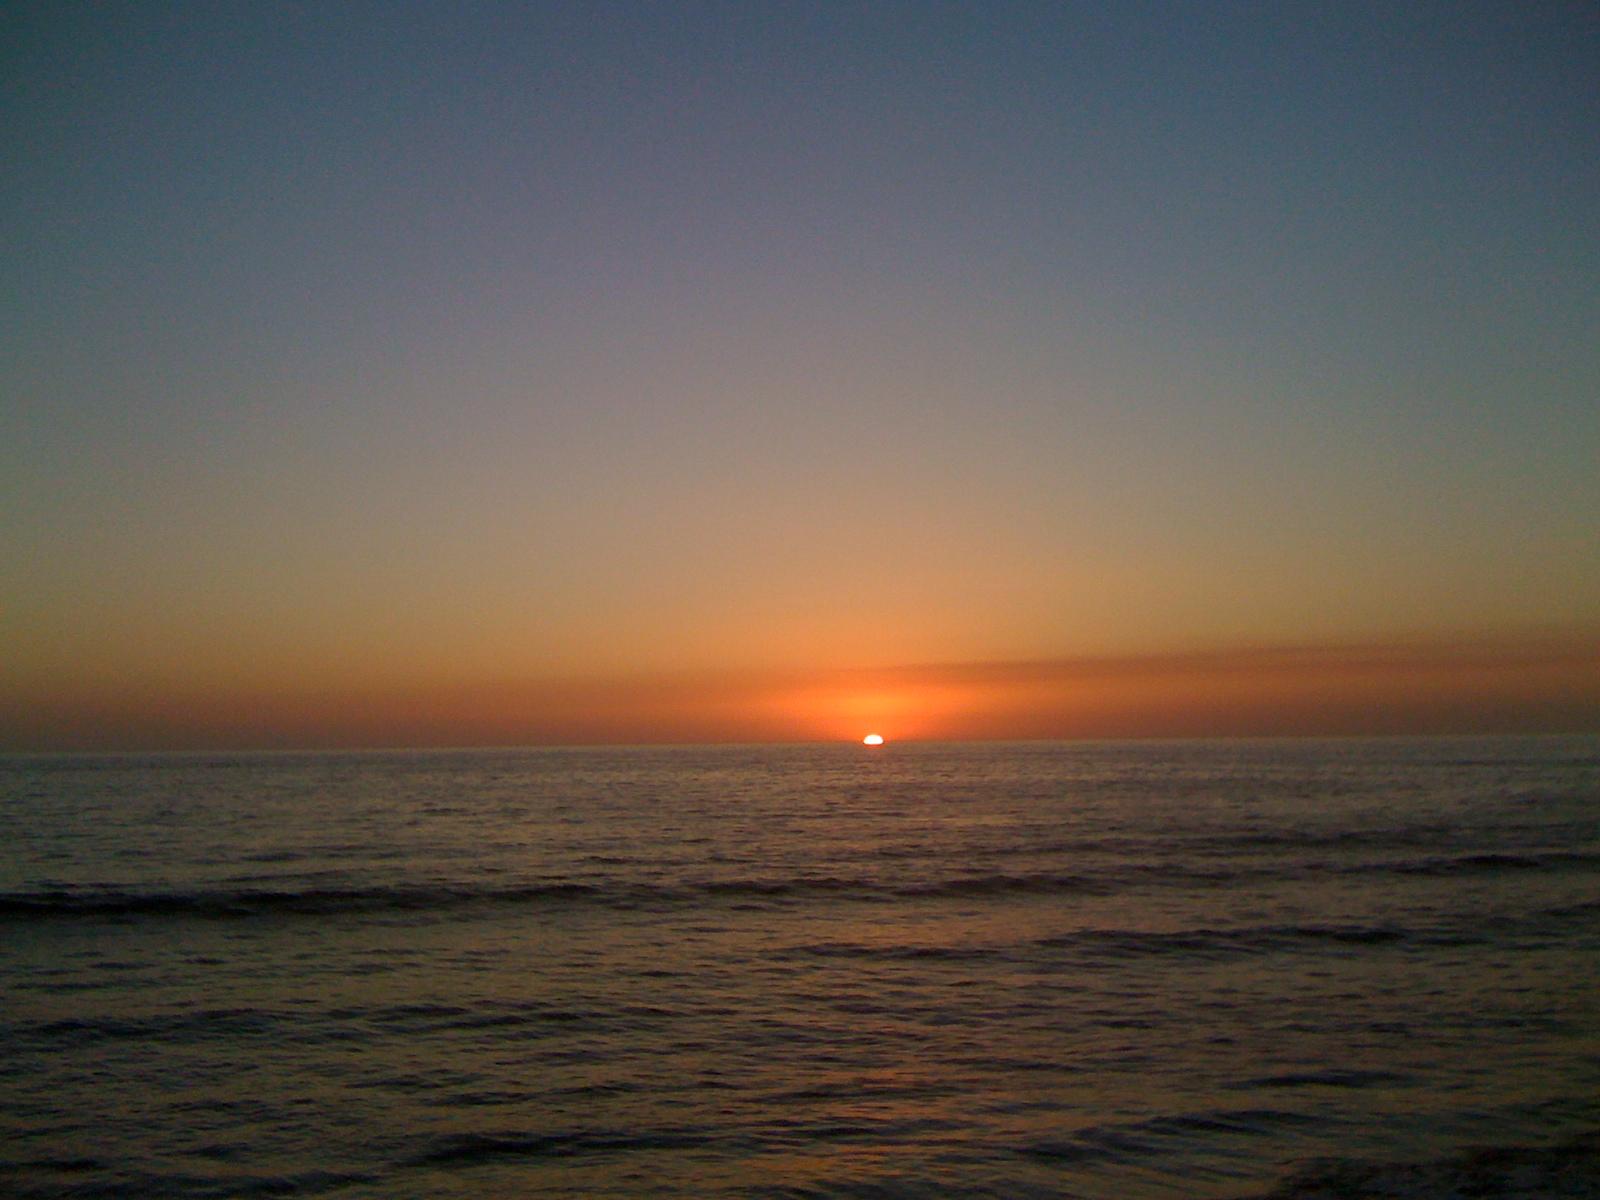 Olas Altas Sunset 2